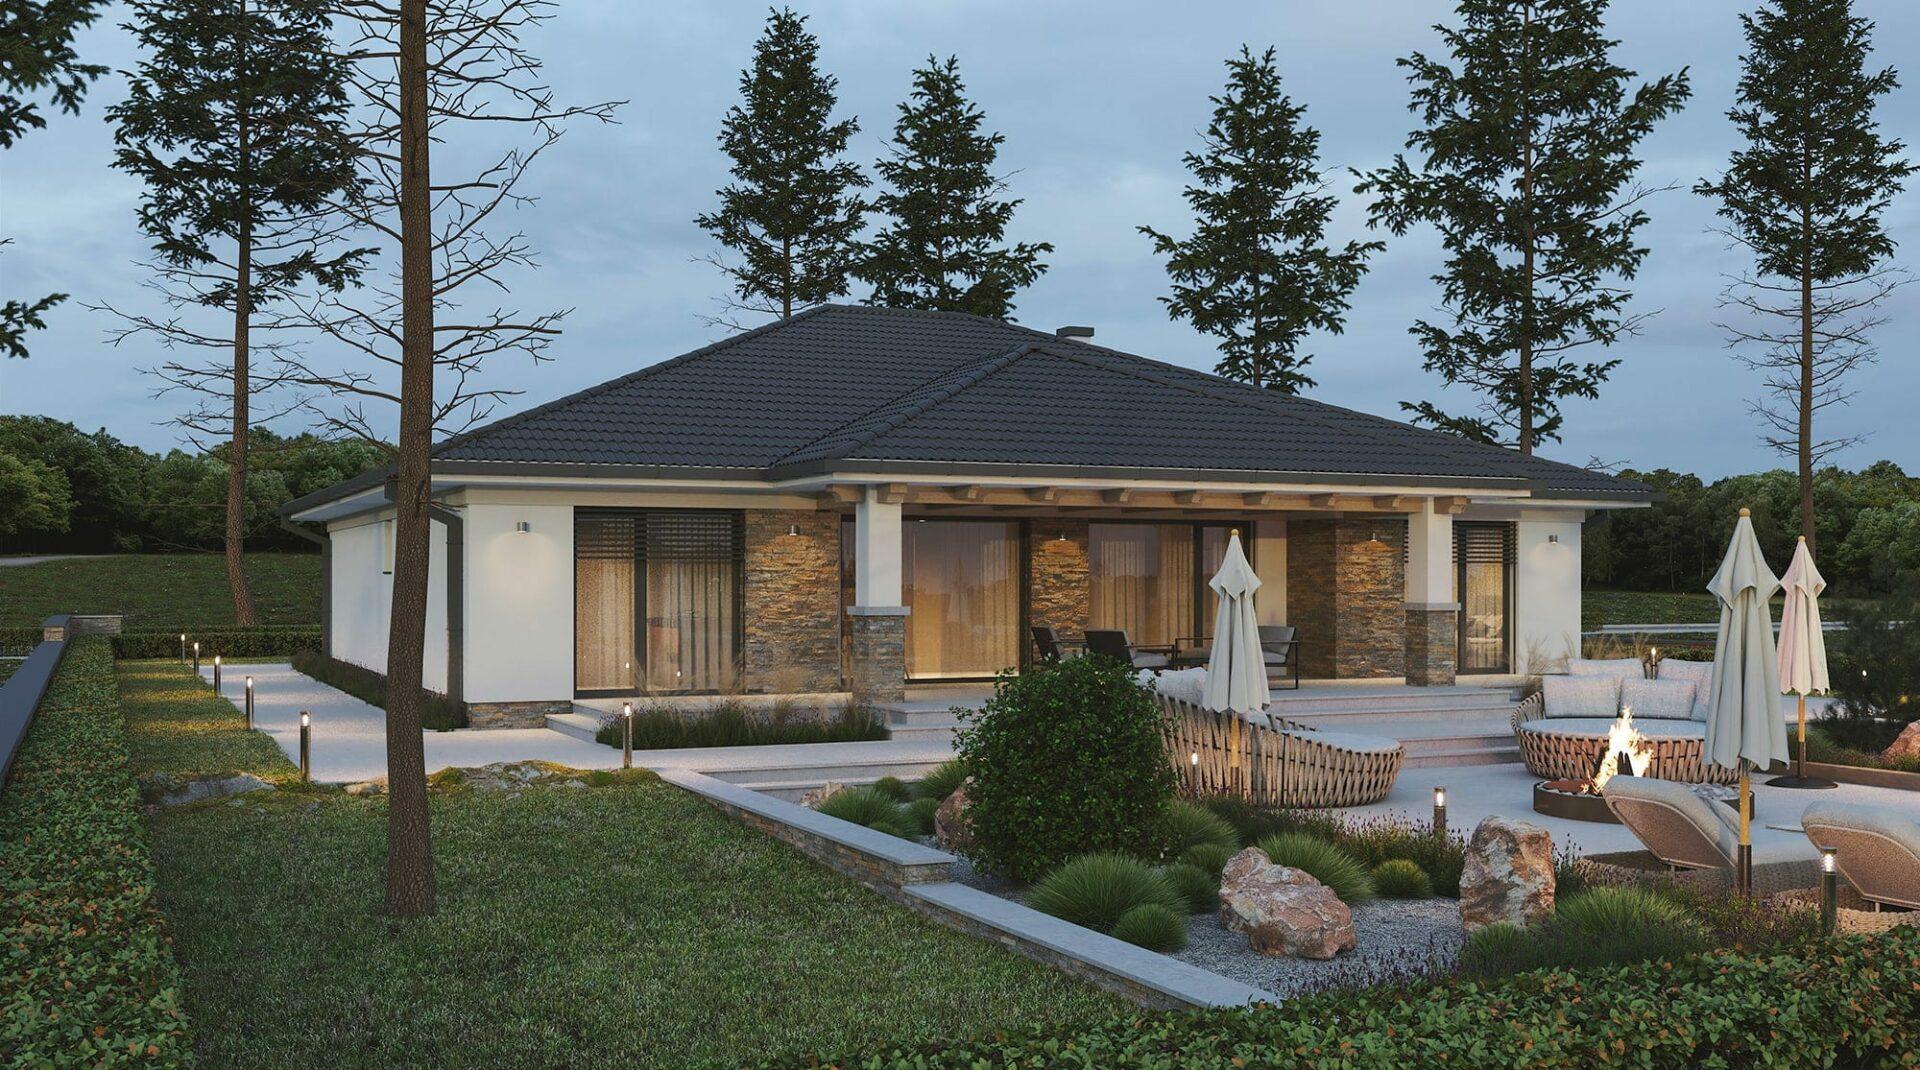 projekt rodinného domu style 234